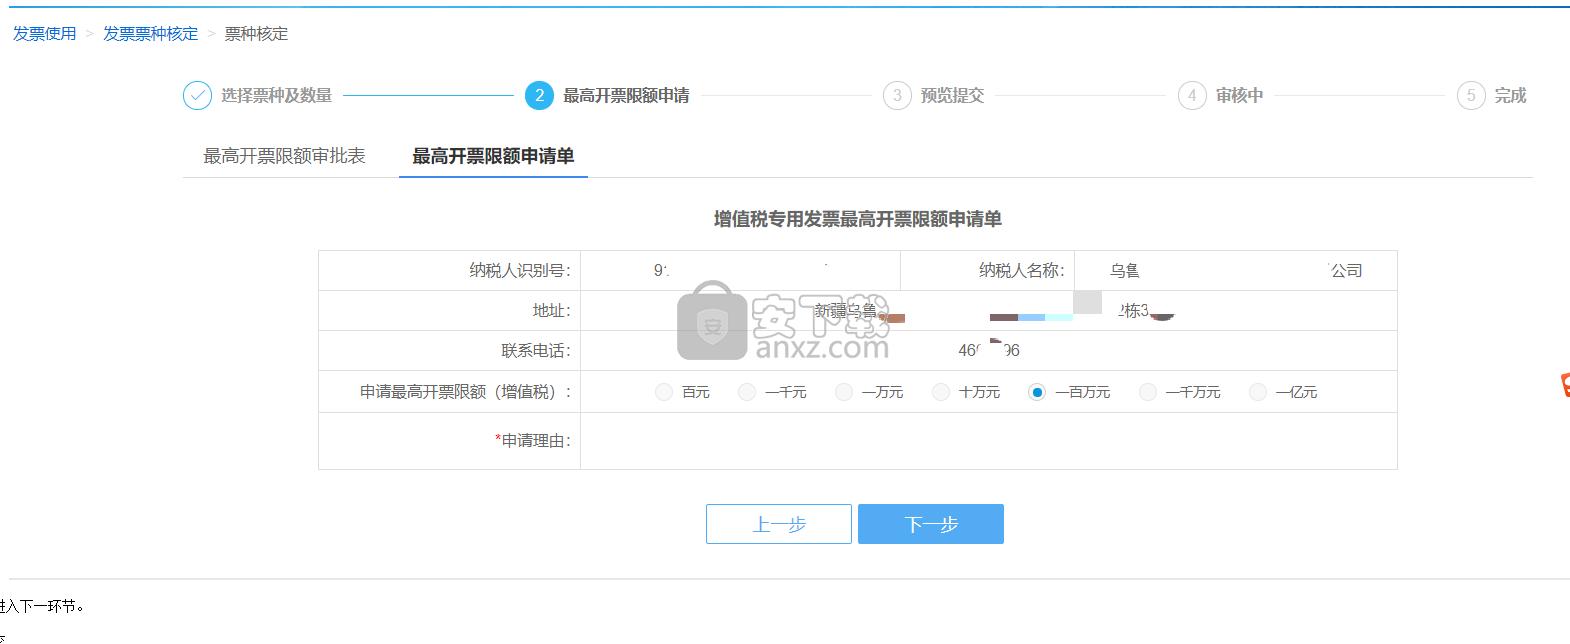 新疆网上办税系统